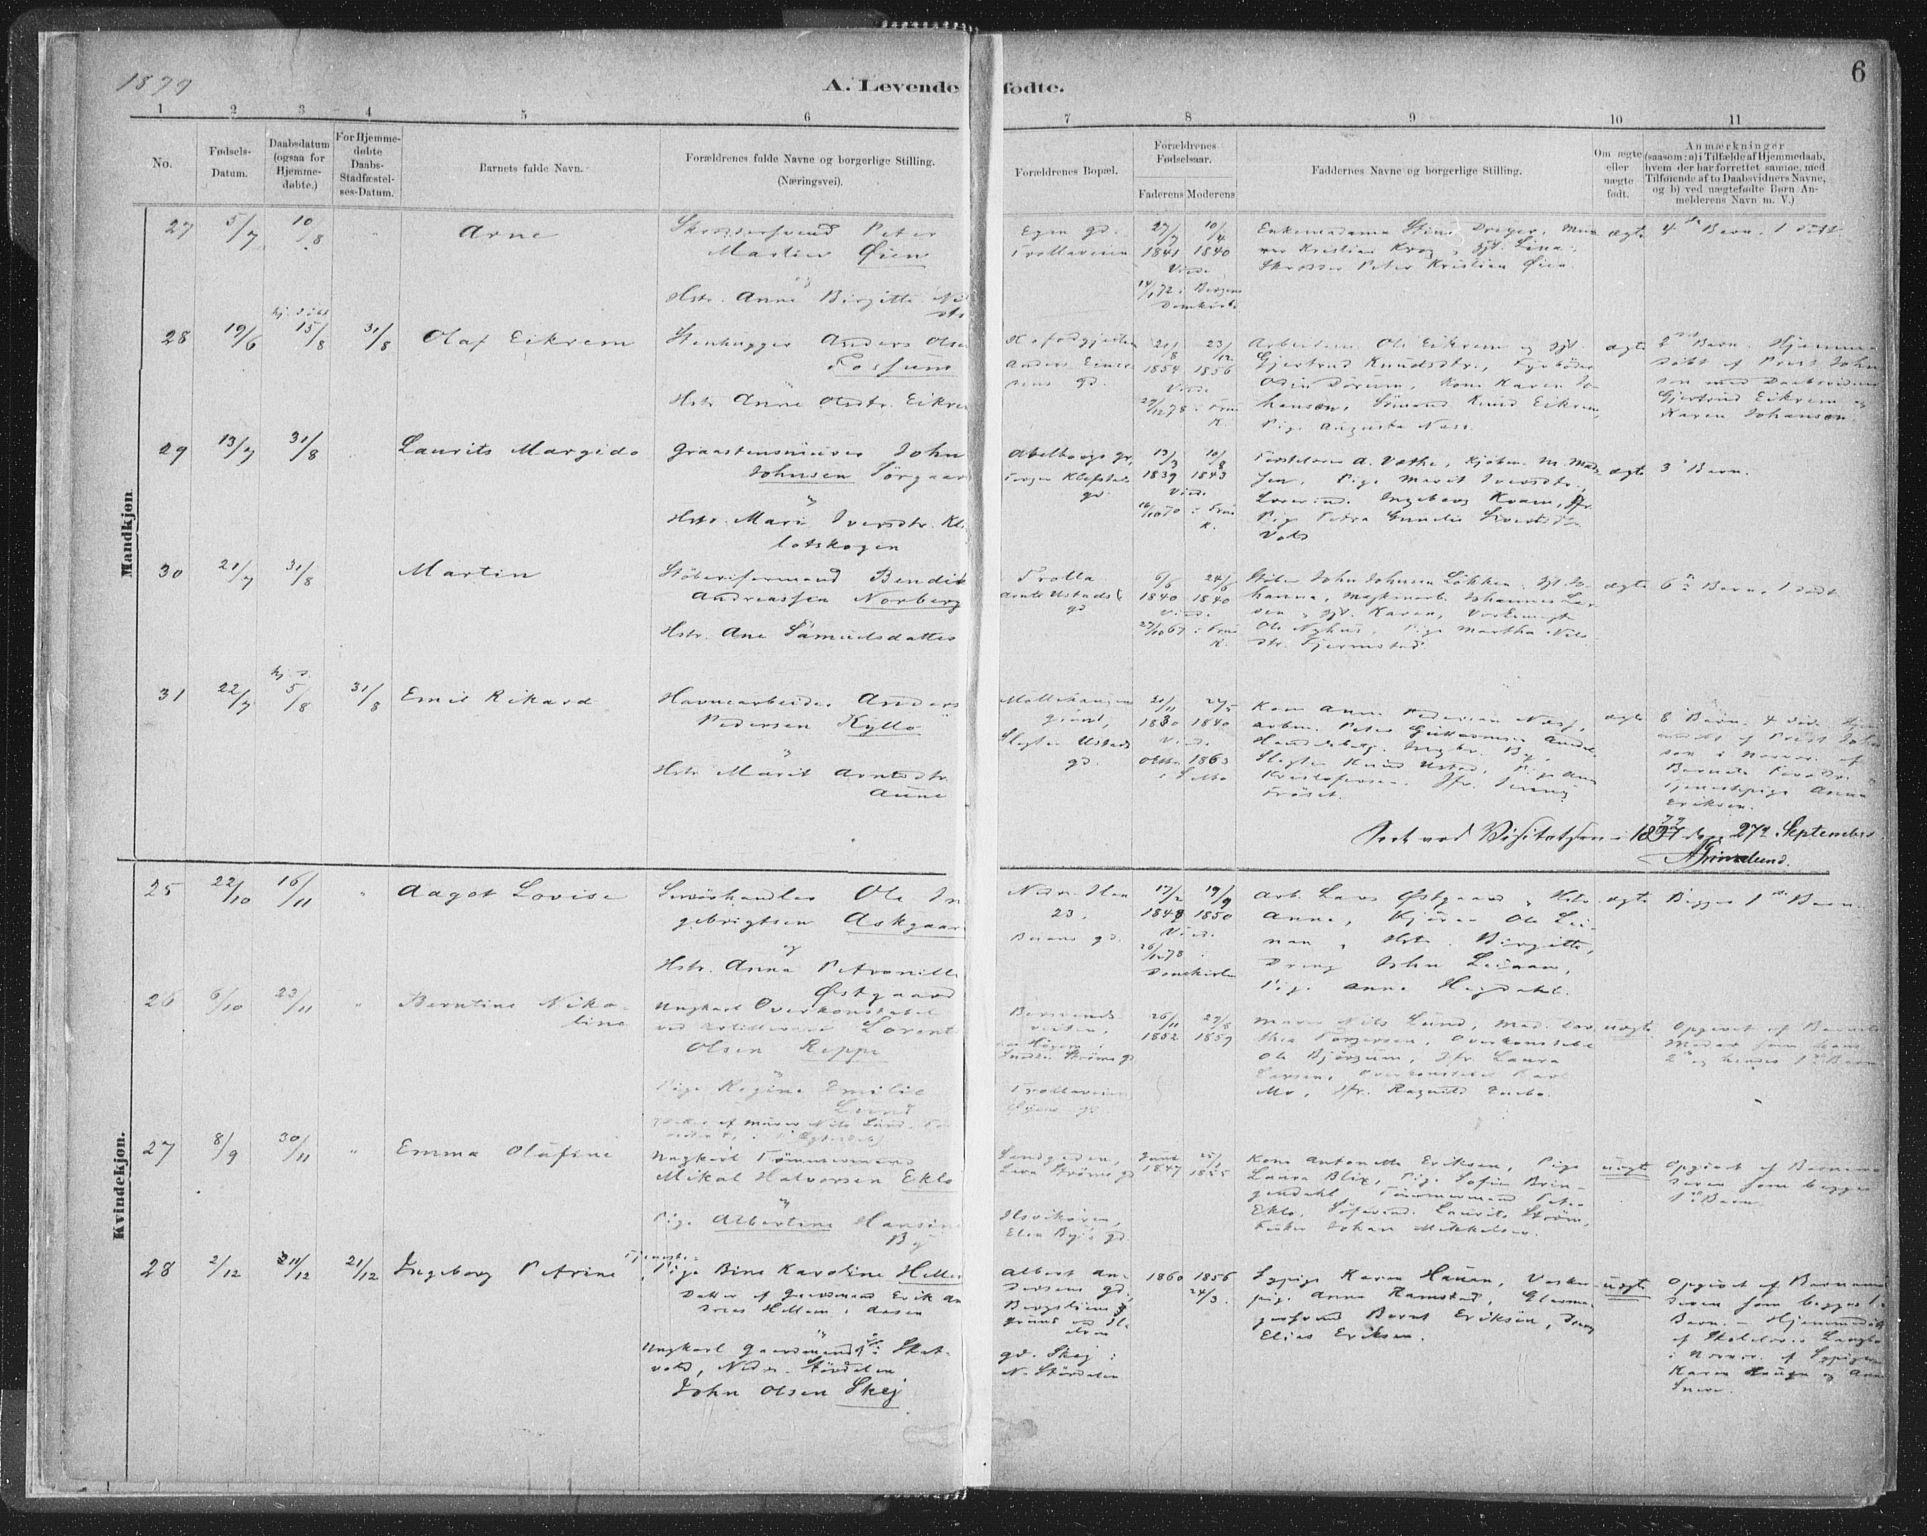 SAT, Ministerialprotokoller, klokkerbøker og fødselsregistre - Sør-Trøndelag, 603/L0162: Ministerialbok nr. 603A01, 1879-1895, s. 6